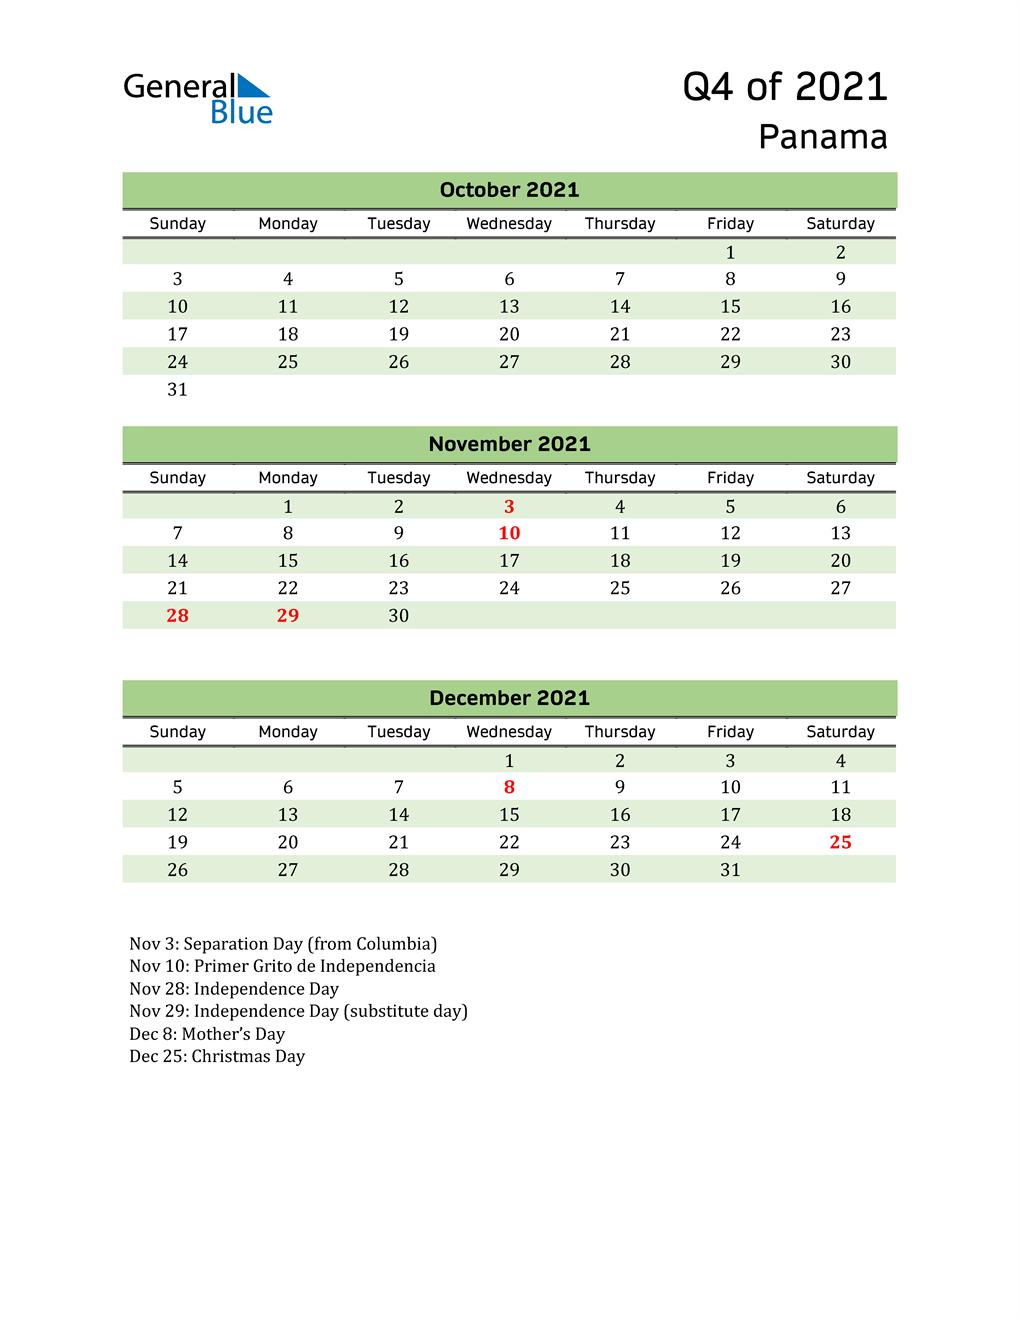 Quarterly Calendar 2021 with Panama Holidays